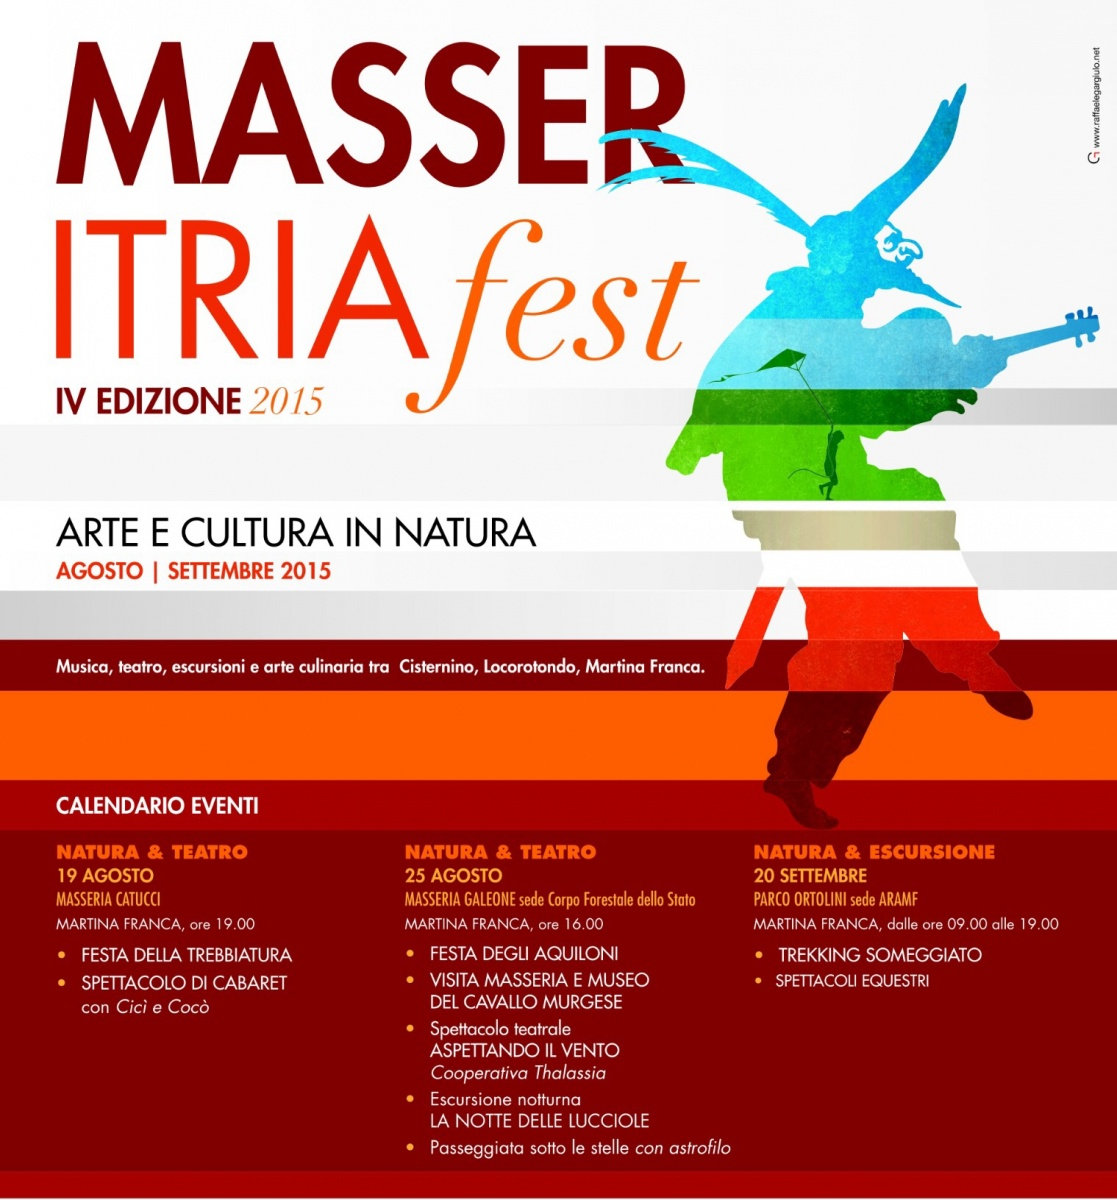 Calendario Eventi Martina Franca.Masseritria Fest 2015 Martina Franca Il Tacco Di Bacco